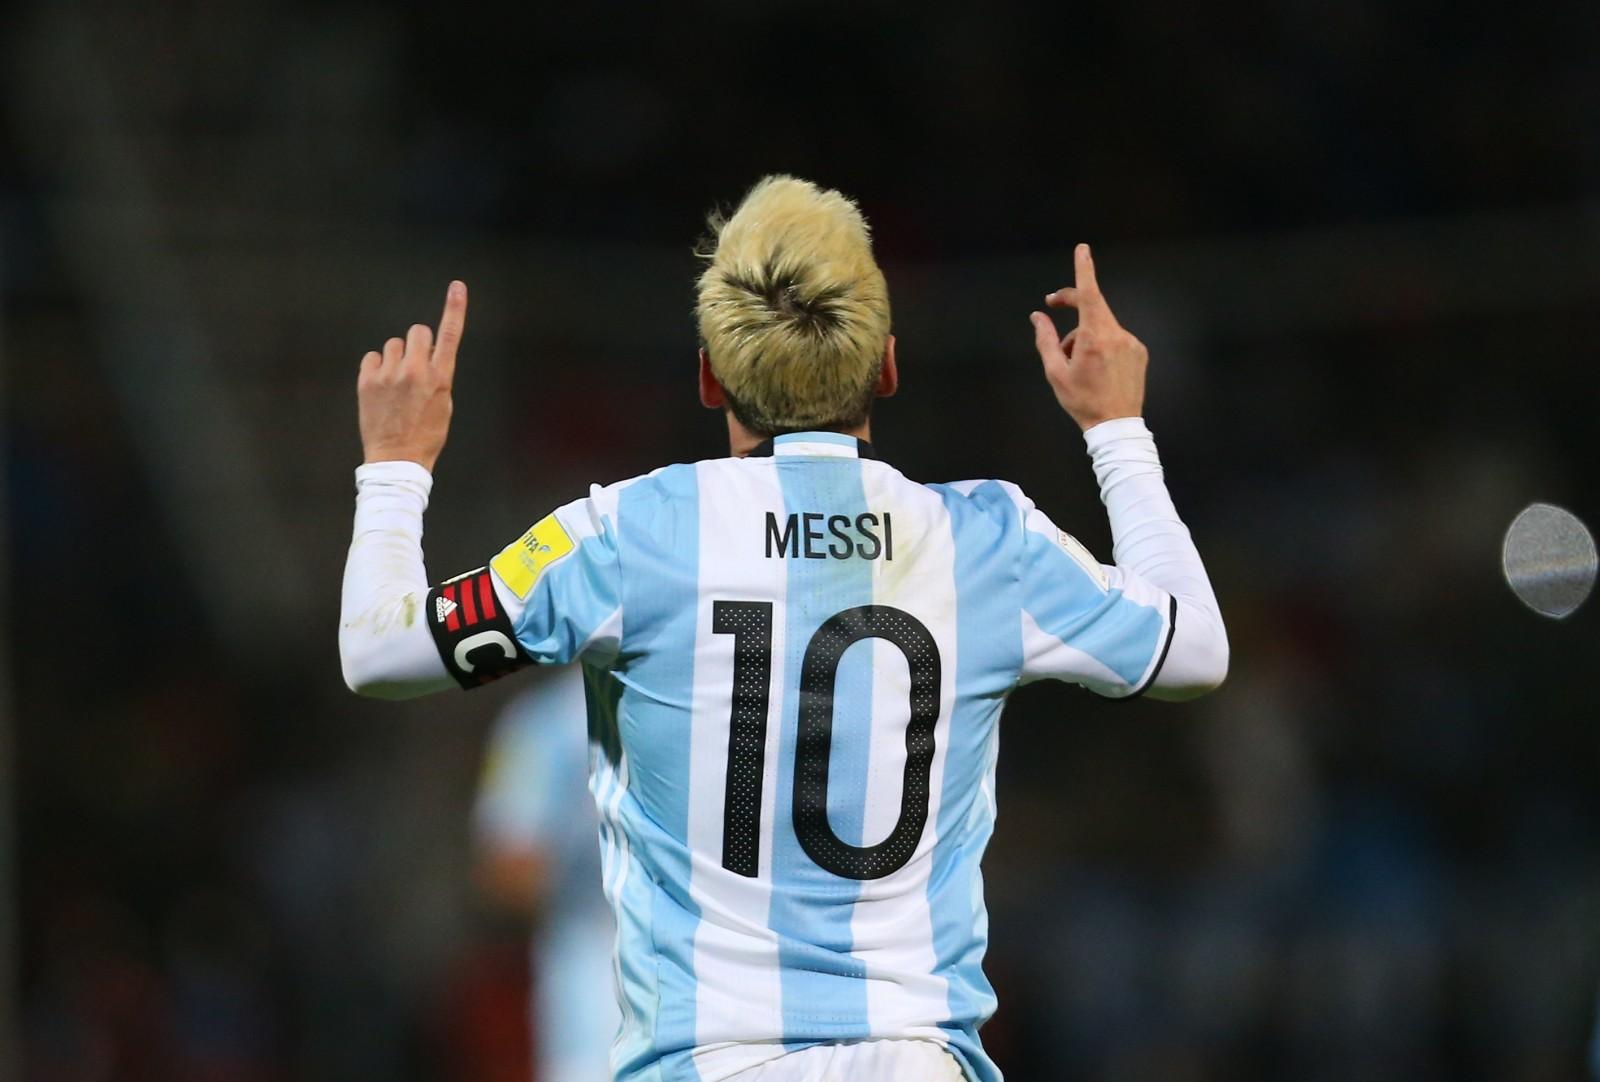 futbol-lionel_messi-argentina-fc_barcelona-futbol_internacional_152496272_15319486_2831x1914